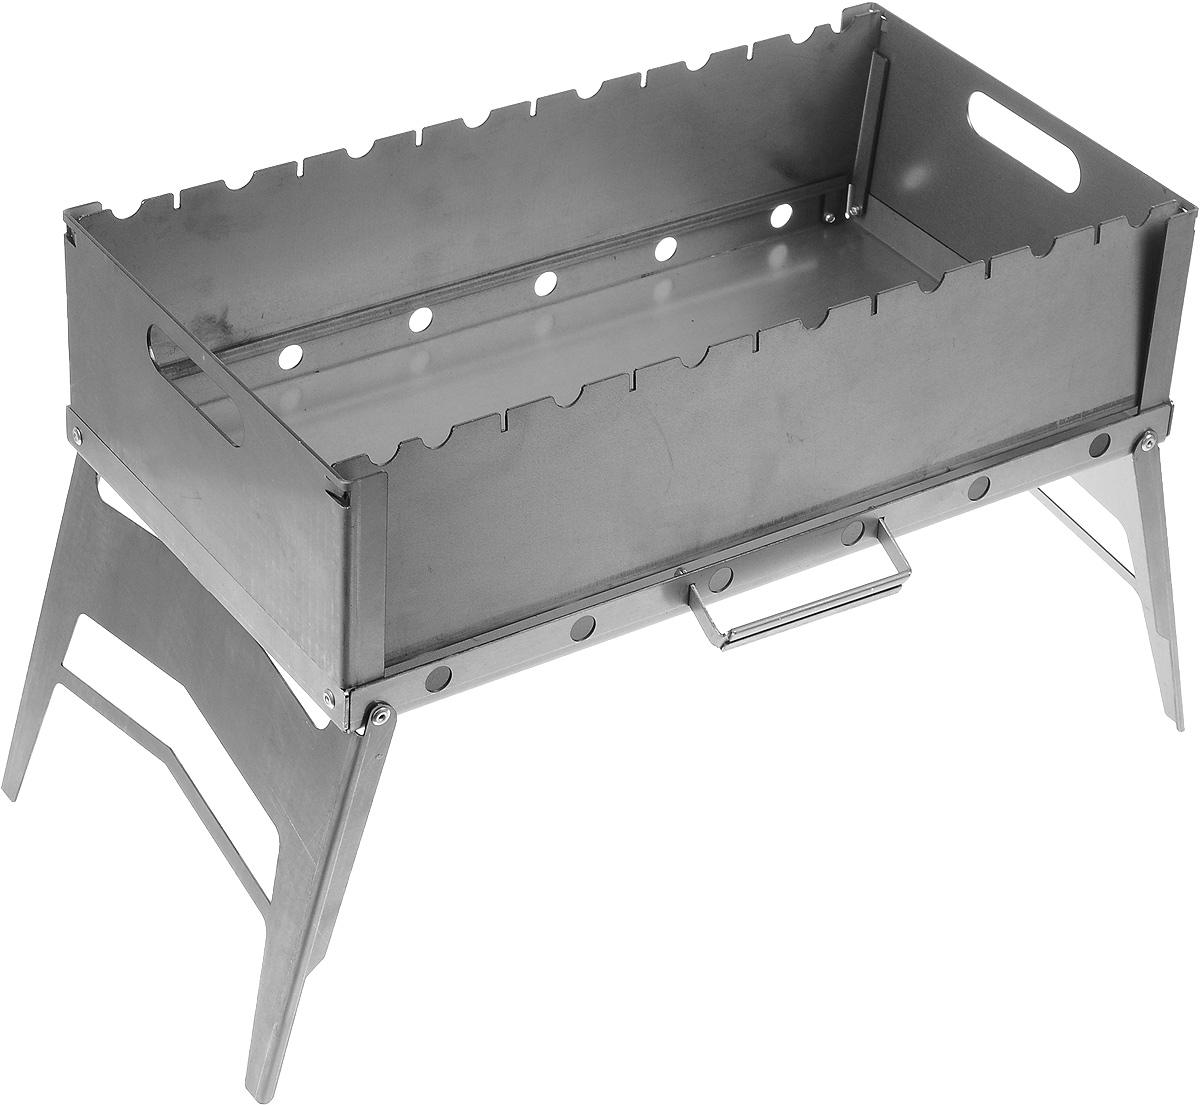 Мангал-трансформер Grillux Optimus Plus, складной, 63 х 28,5 х 34 смВЗР2164Мангал-трансформер Grillux Optimus Plus - отличный вариант для загородного отдыха большой компанией. Мангал выполнен из высококачественной стали и трансформируется в чемоданчик. Он собирается всего за 30 секунд. Изделие оснащено выдвижной ручкой для переноски и имеет большую рабочую площадь. Мангал имеет фигурные вырезы для фиксации 7 шампуров и отверстия для лучшего продува огня. Толщина стенок: 2 мм. Размер мангала в собранном виде (ДхШхВ): 63 х 28,5 х 34 см. Размер в разобранном виде: 50 х 28 х 2,7 см. Глубина: 14,5 см.